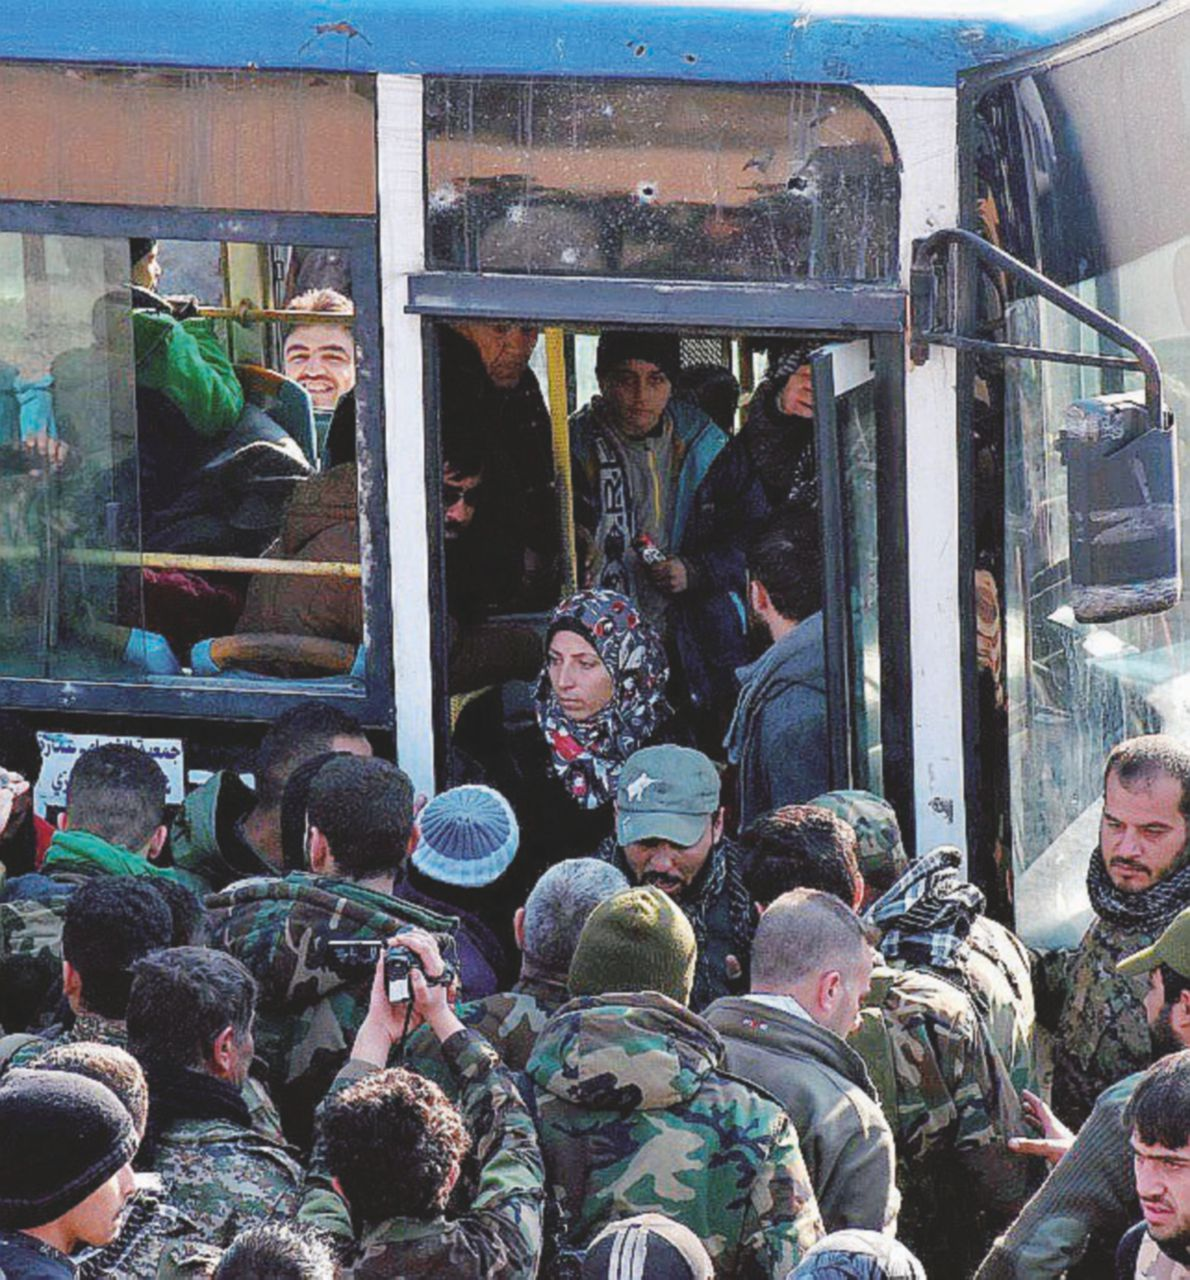 Prossima stazione Idlib, fra jihadisti di al Qaeda e ribelli